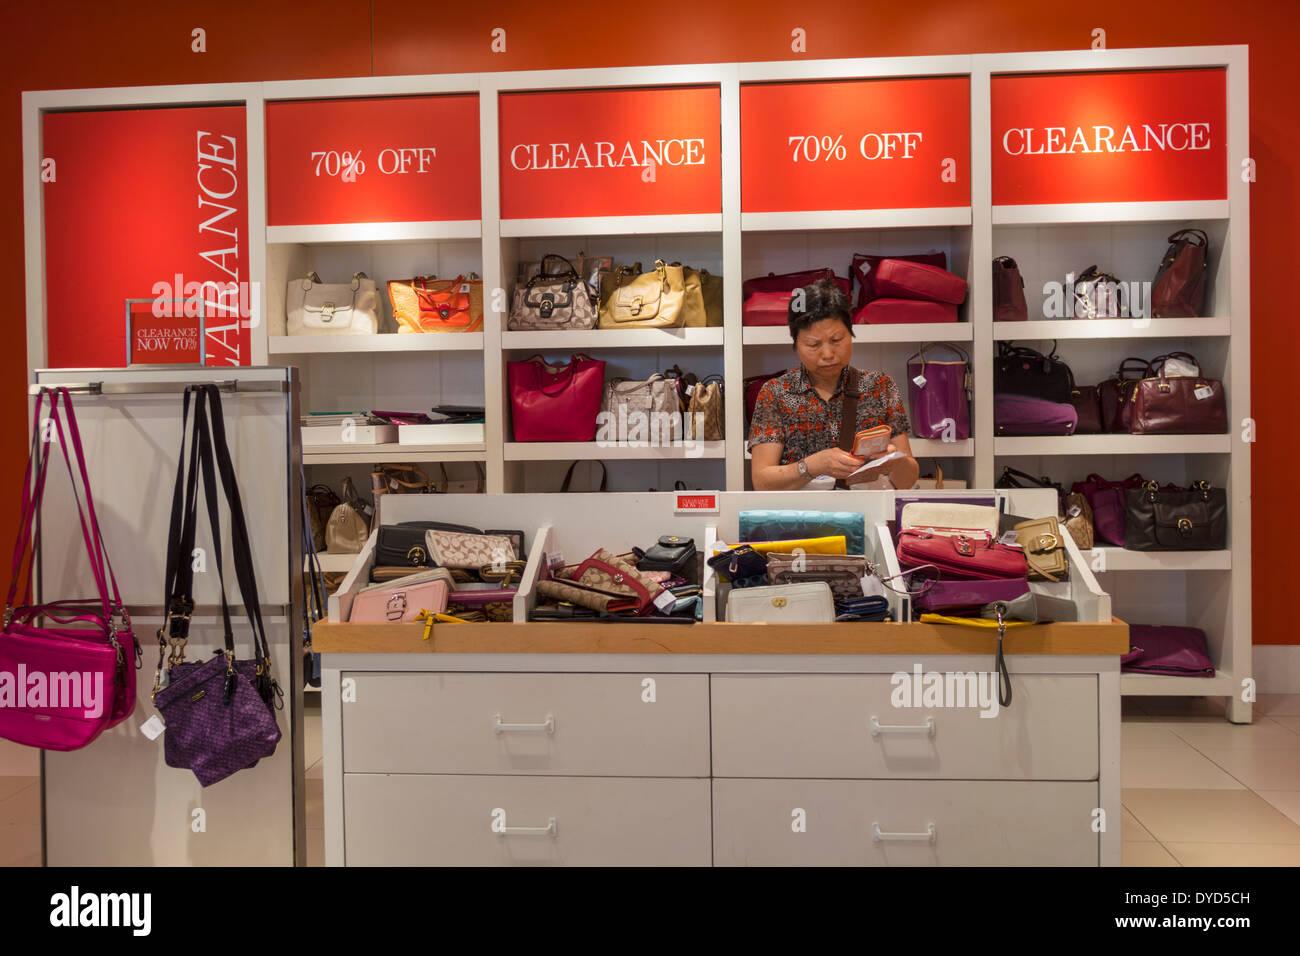 orlando la floride orlando premium outlets international drive shopping outlet store intrieur intrieur signe michael kors sacs main pour femmes